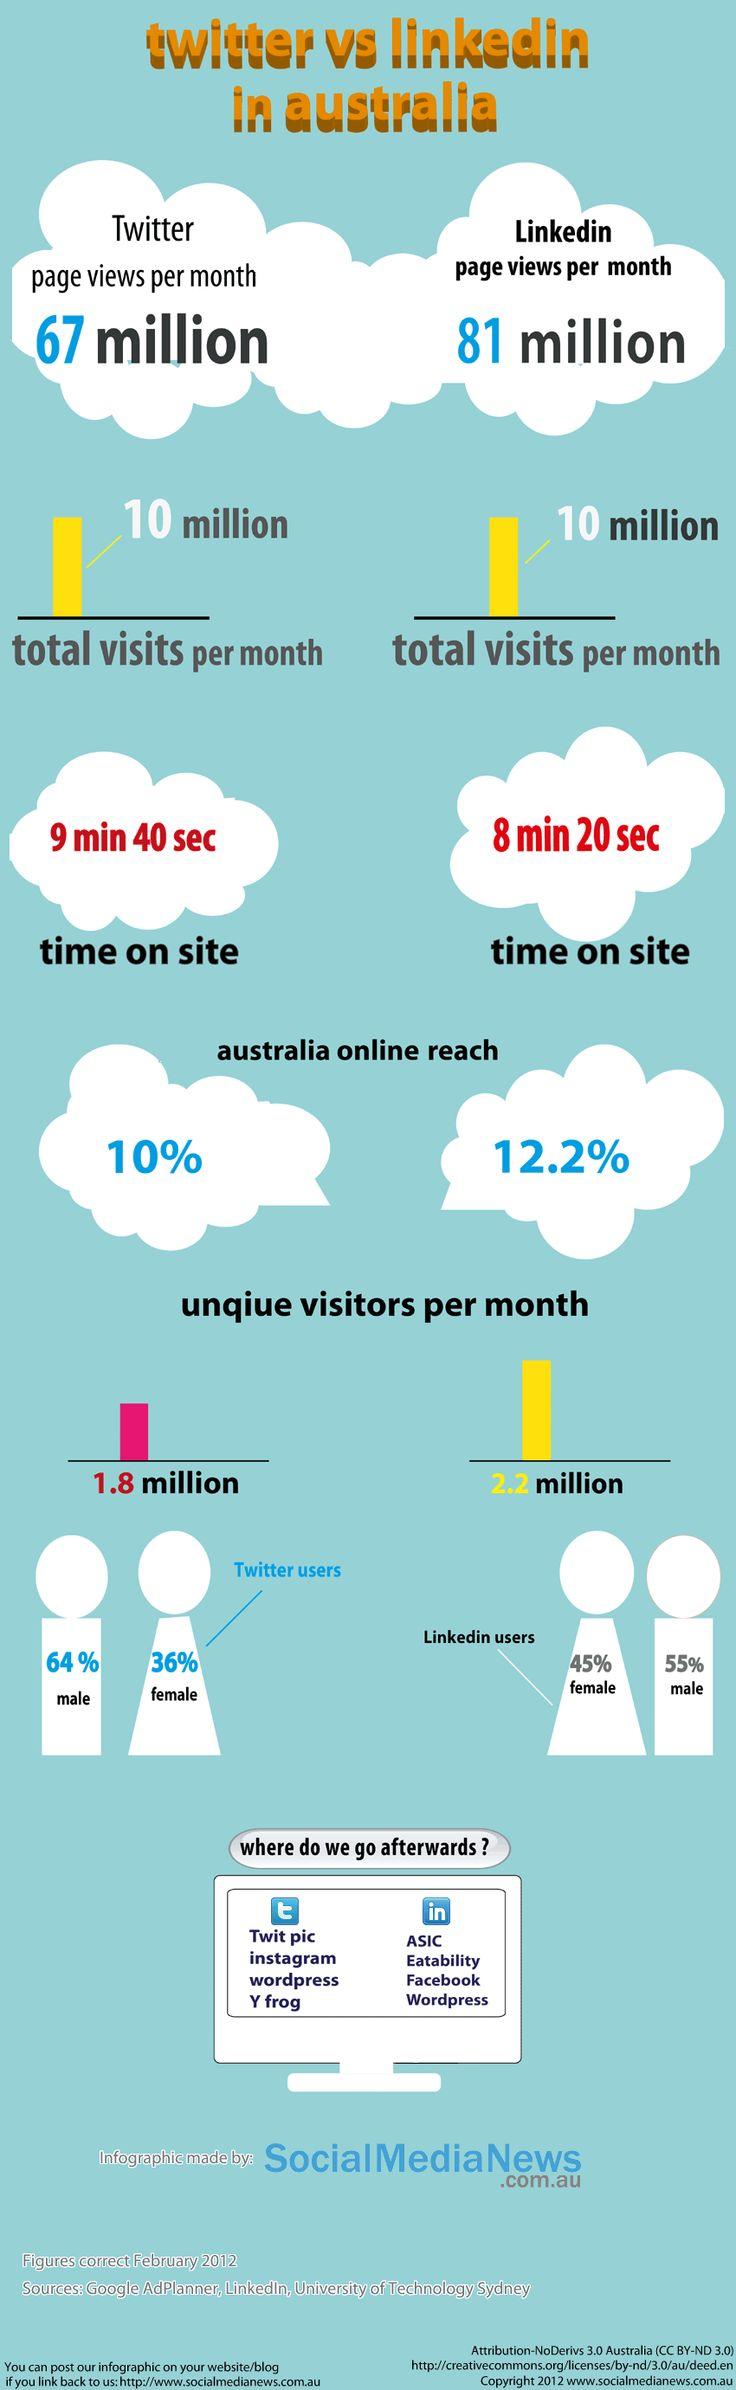 Twitter VS LinkedIn Infographic